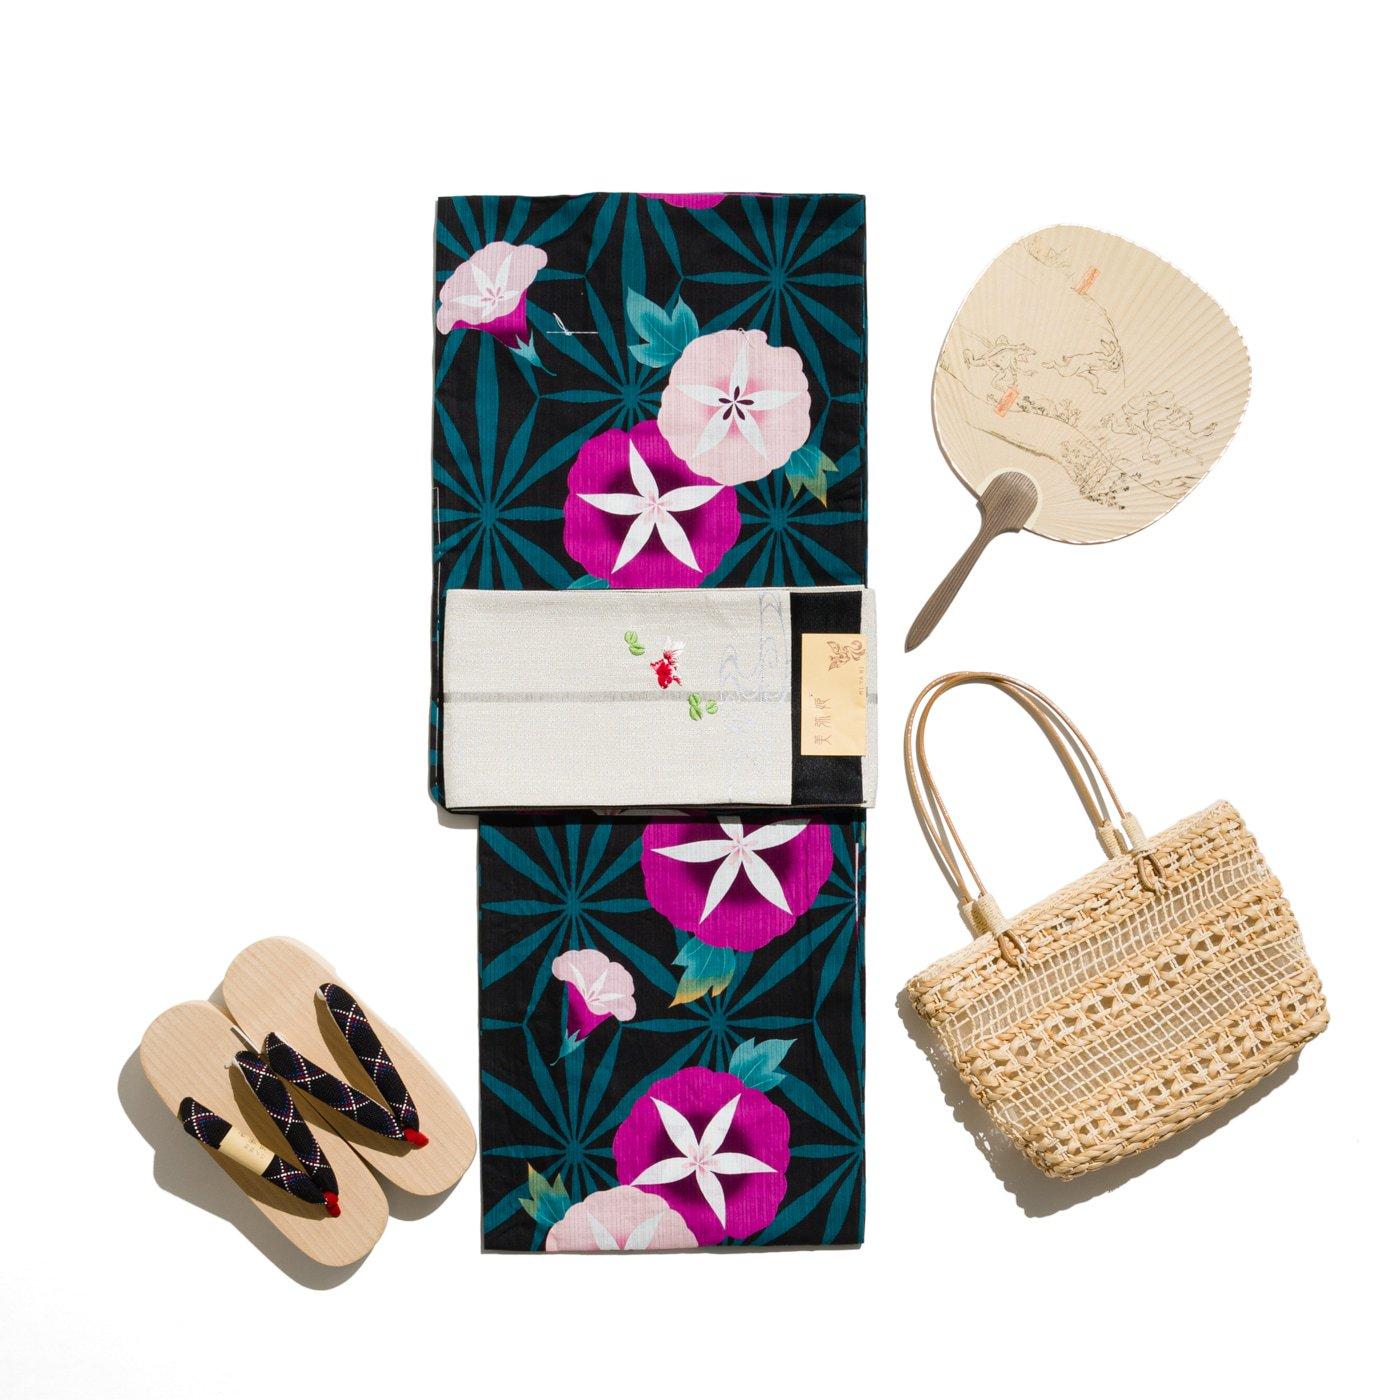 「新品浴衣 麻の葉と朝顔 ViVi」の商品画像